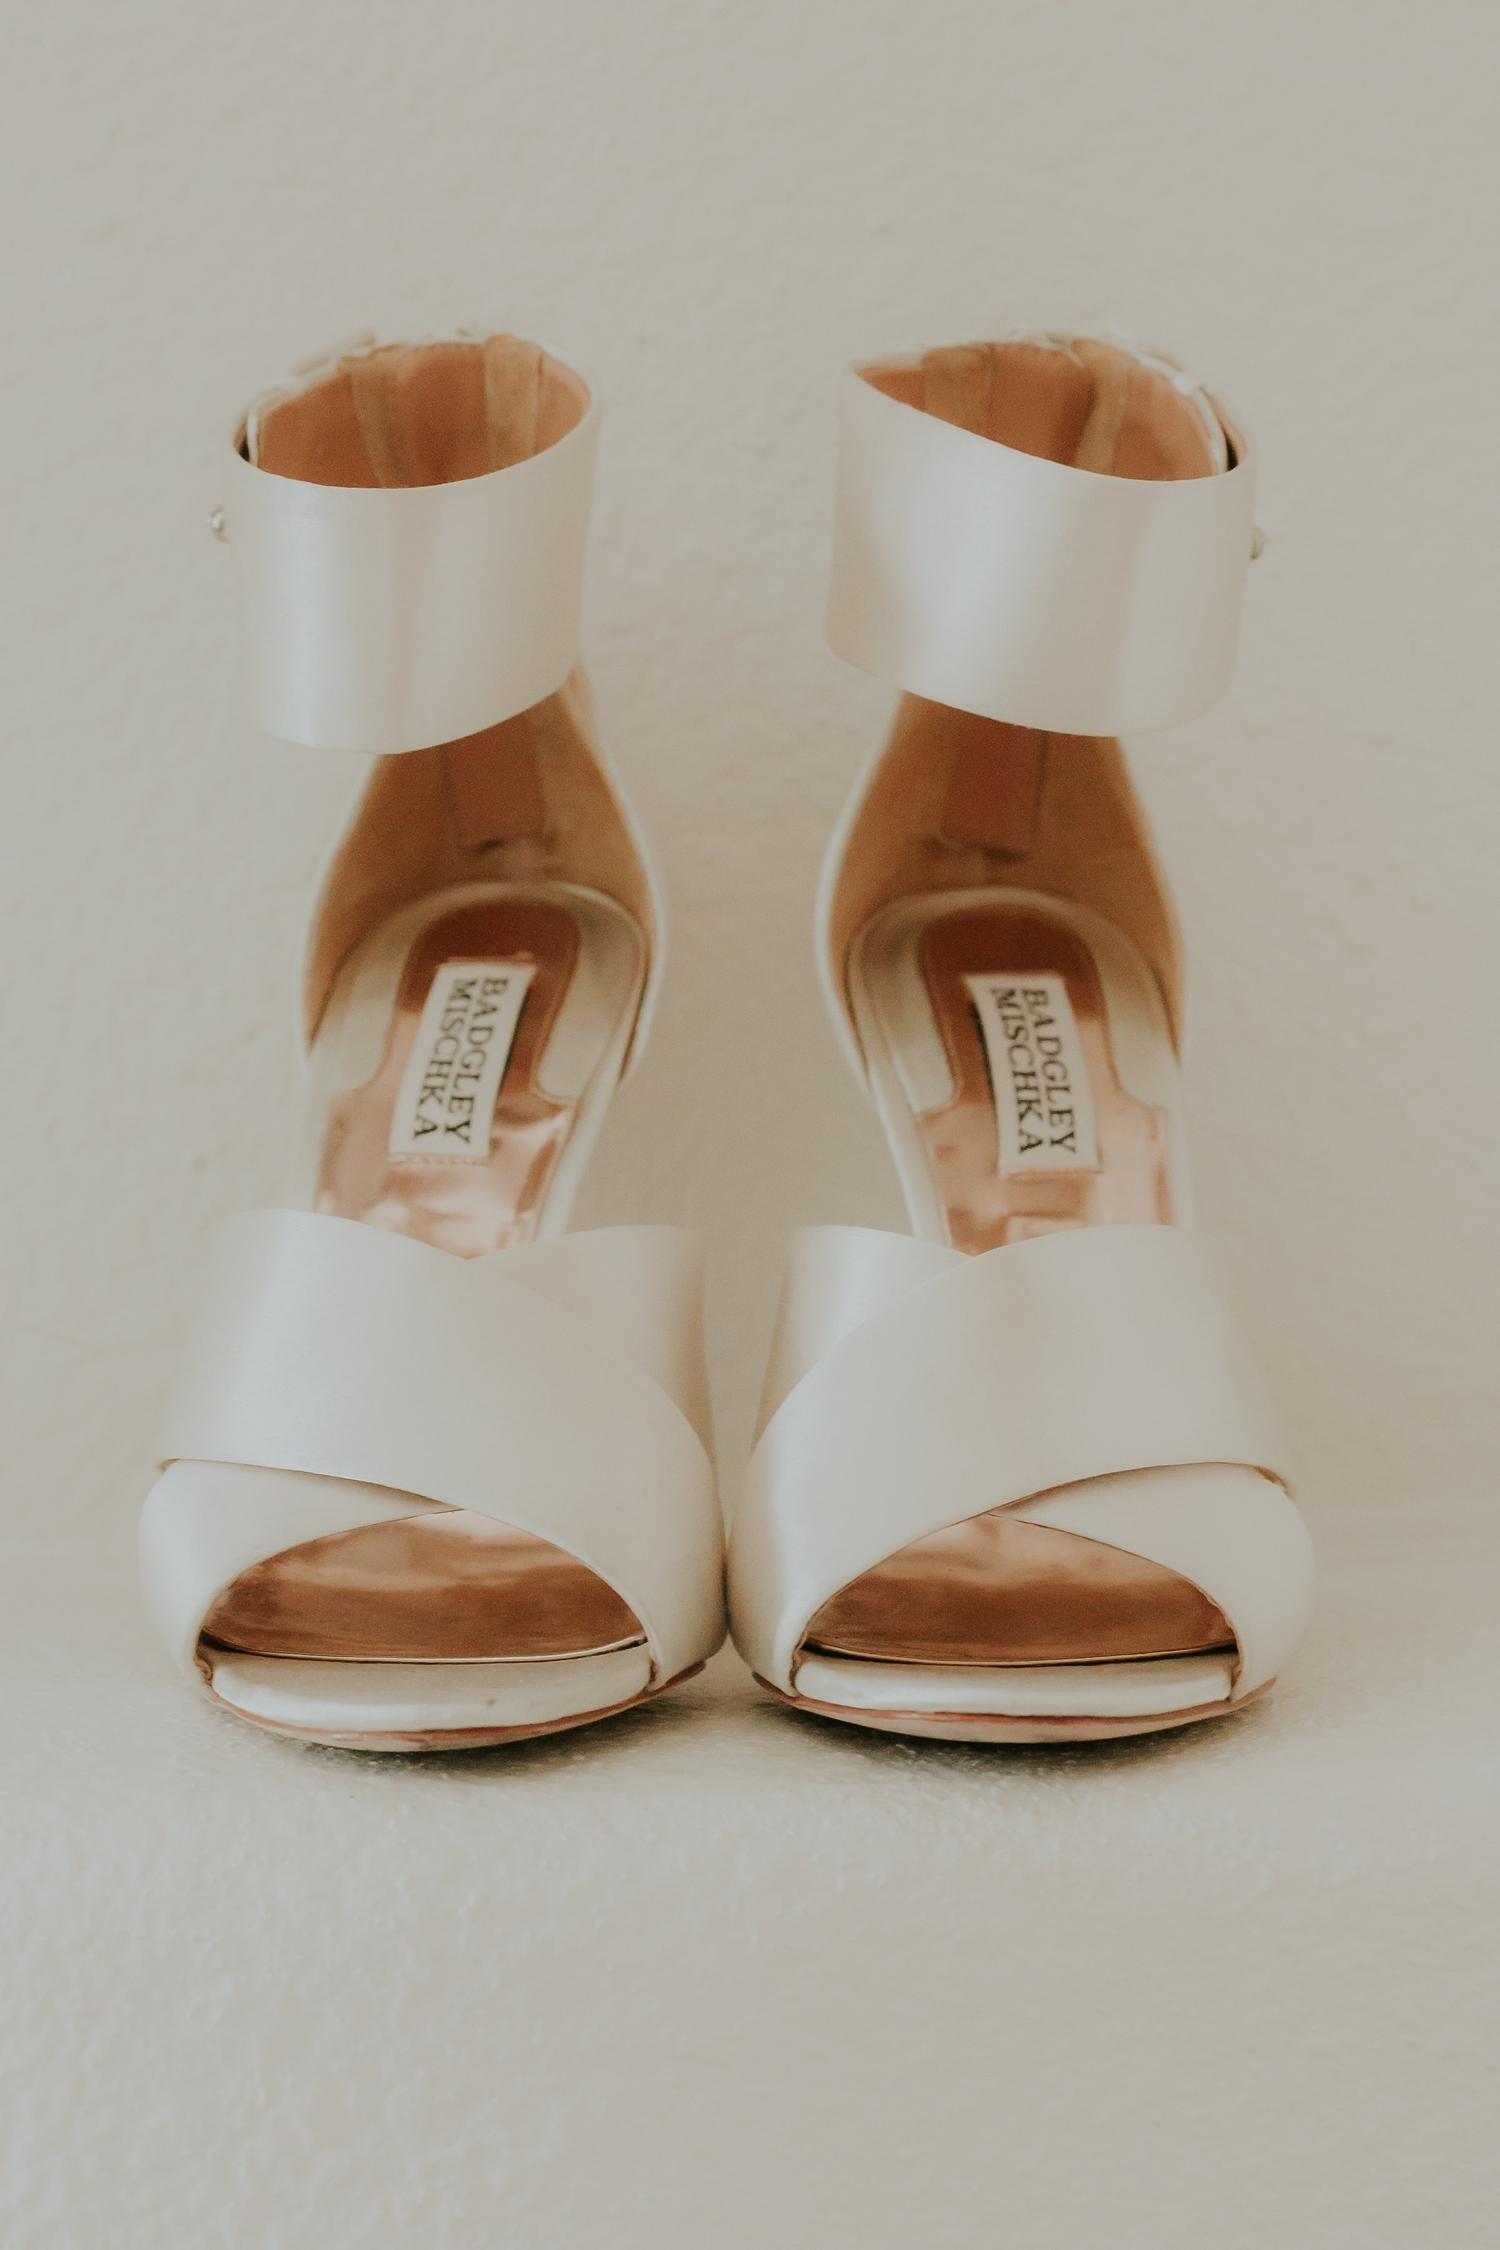 Alicia+lucia+photography+-+albuquerque+wedding+photographer+-+santa+fe+wedding+photography+-+new+mexico+wedding+photographer+-+wedding+bridal+shoe+-+wedding+style+edit_0019.jpg